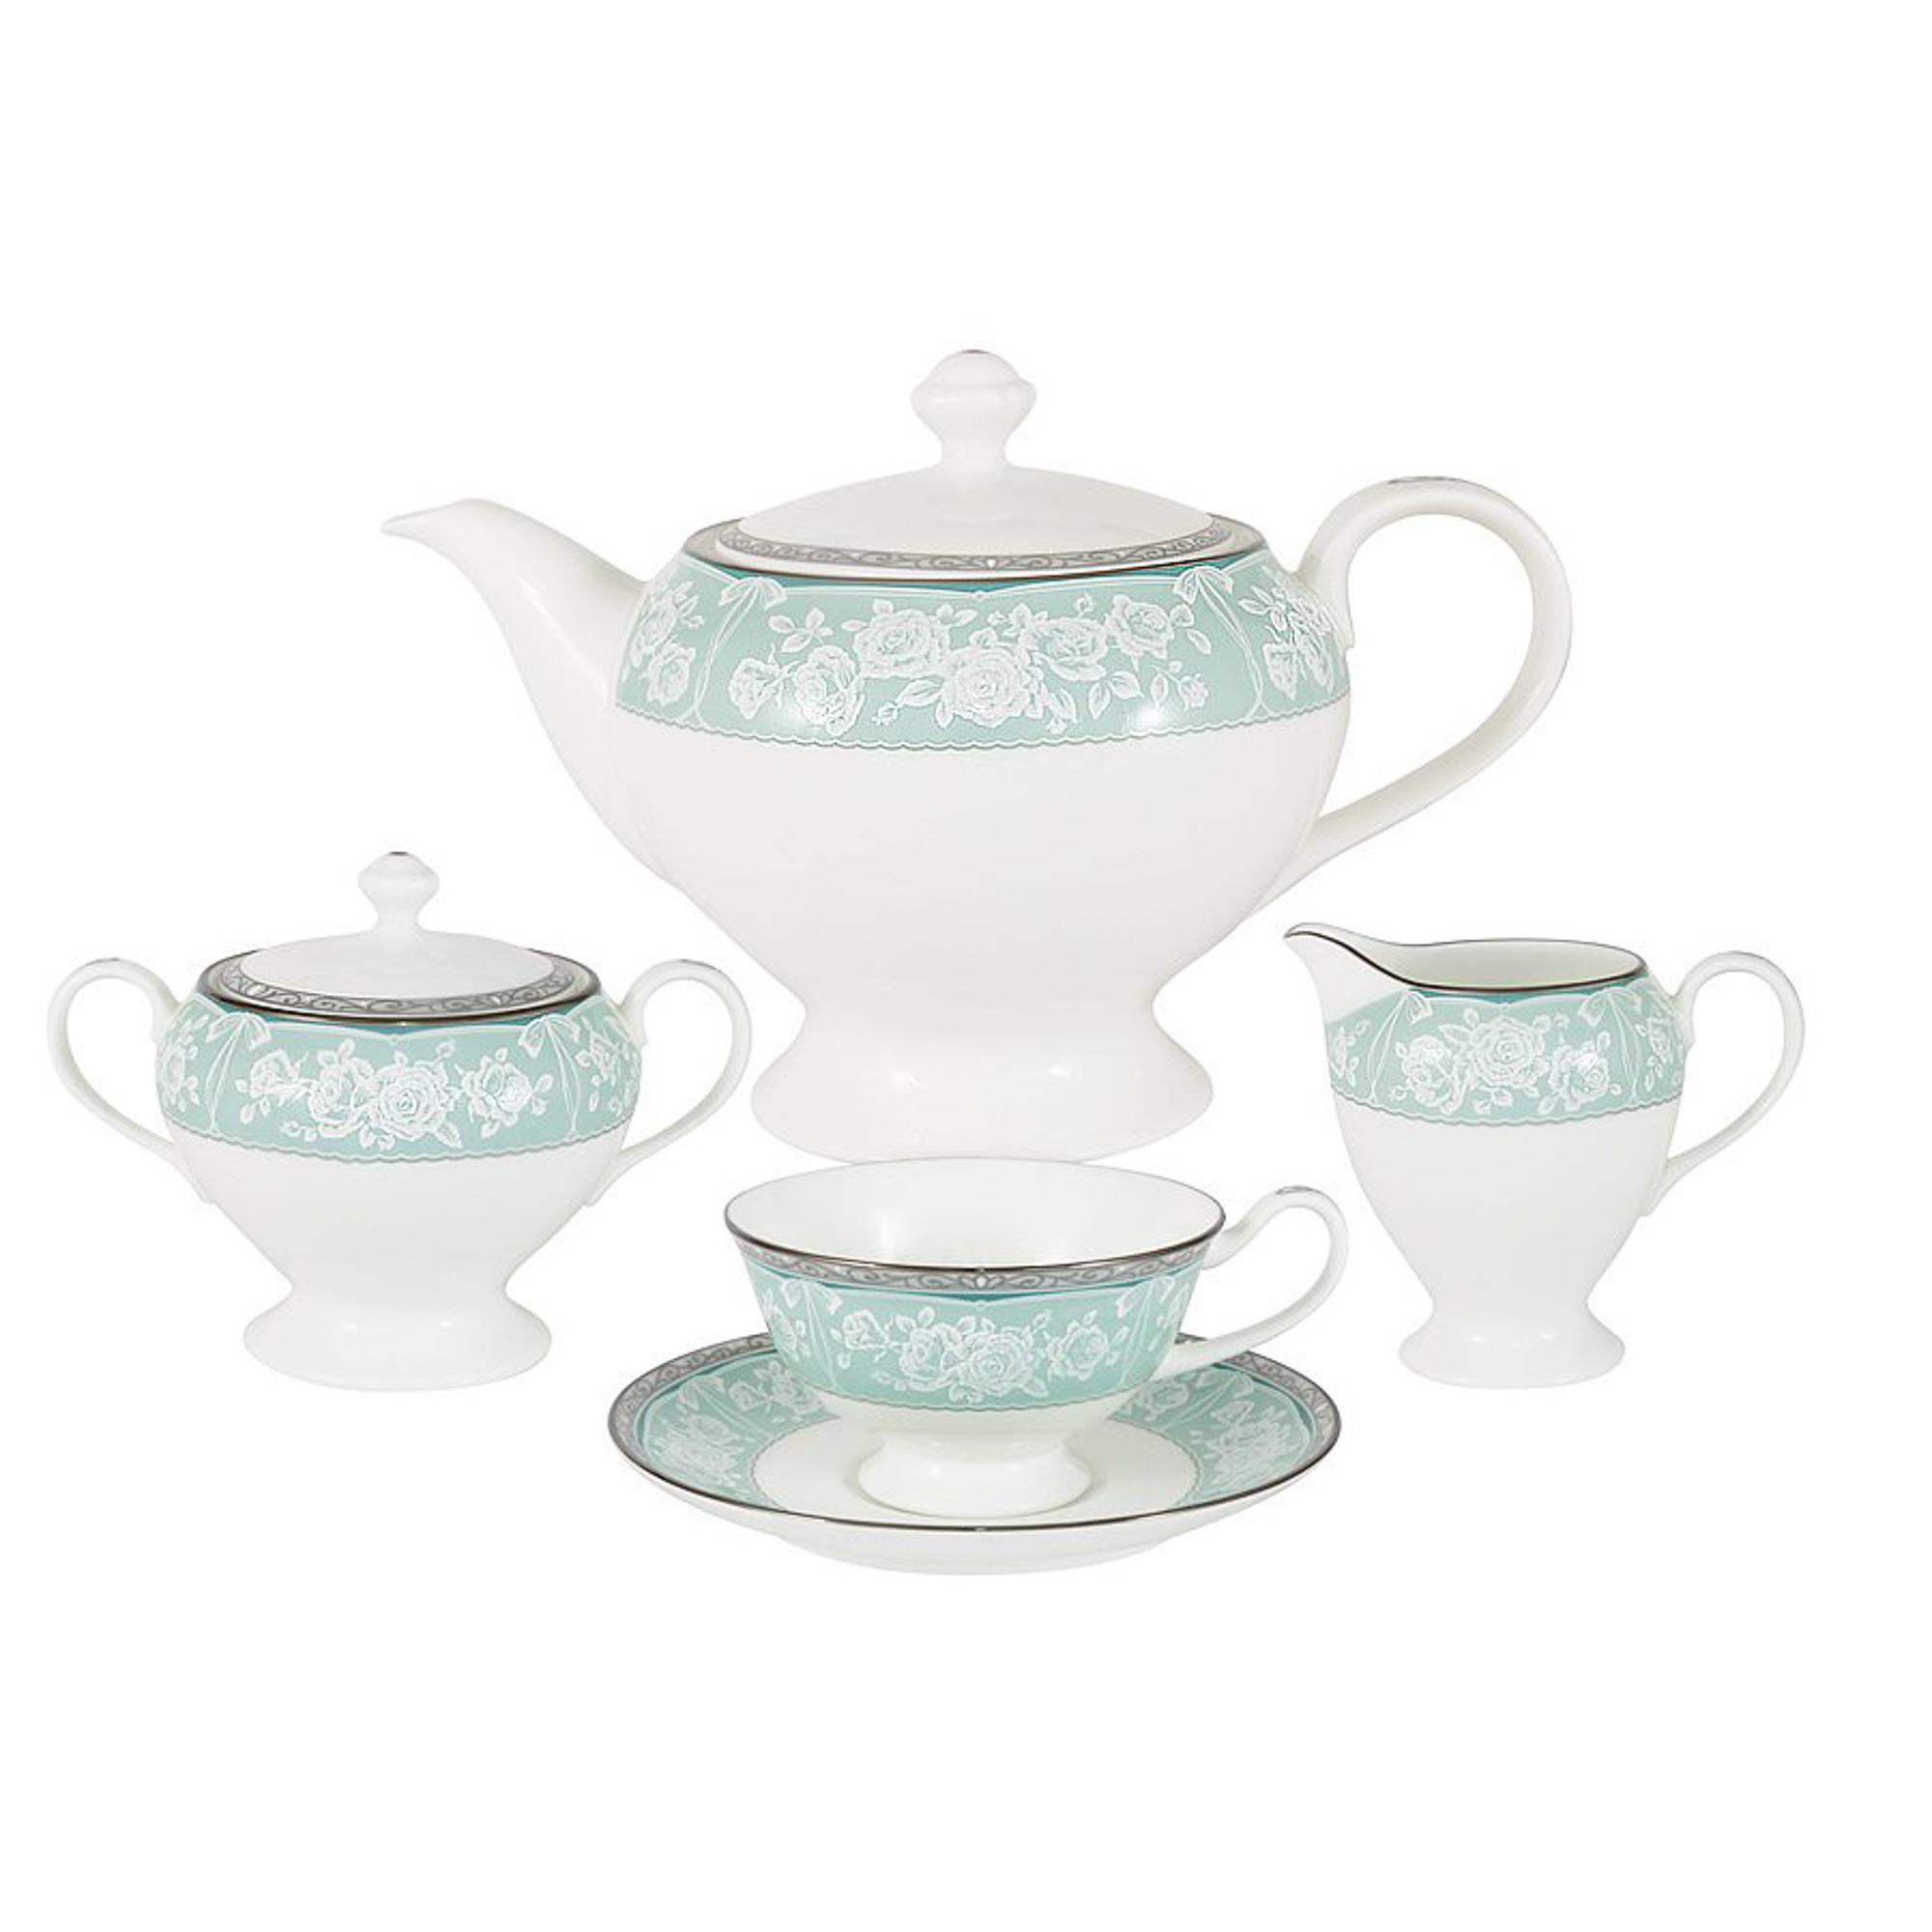 Сервиз чайный Narumi Прикосновение 17 предметов 6 персон